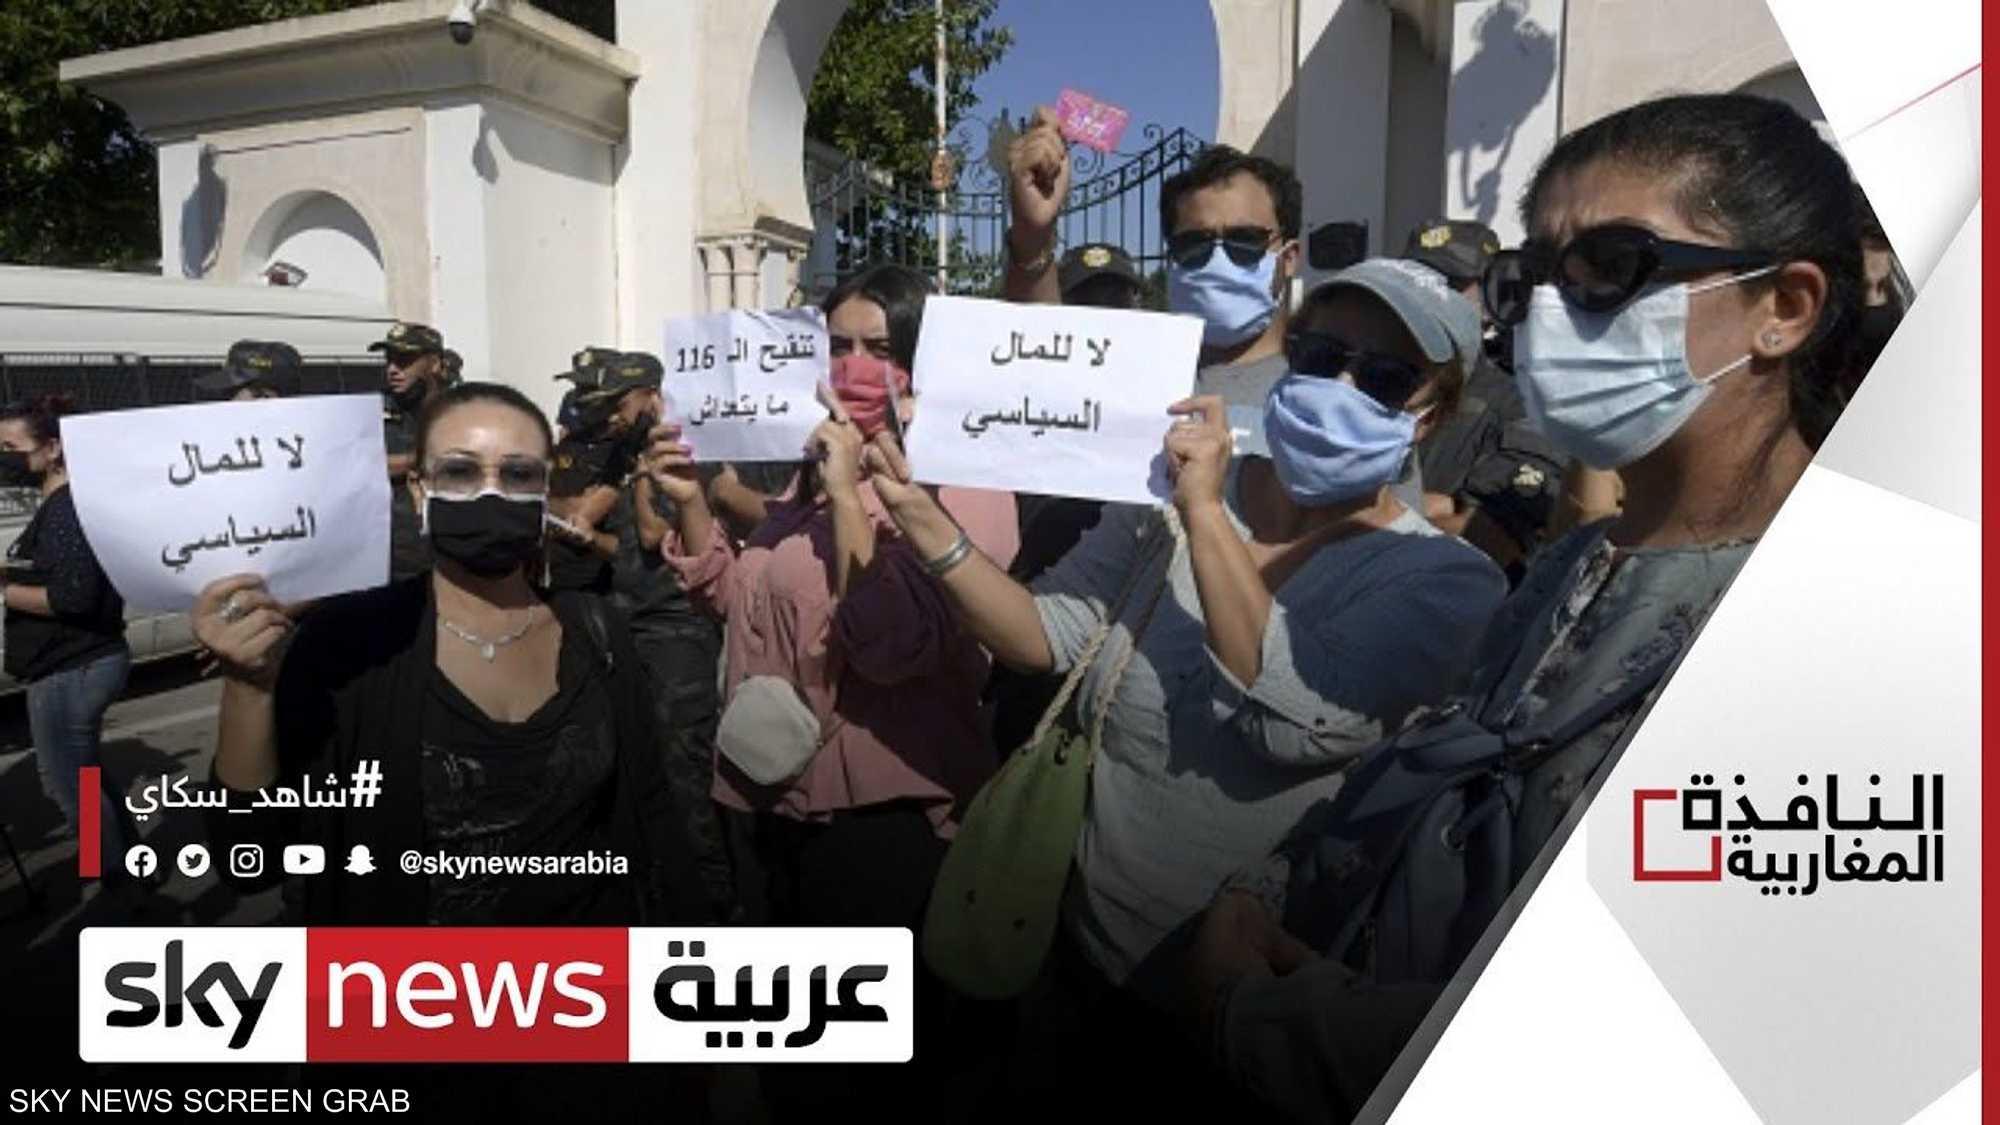 احتجاجات في تونس ضد التعديلات المقترحة لقانون للإعلام